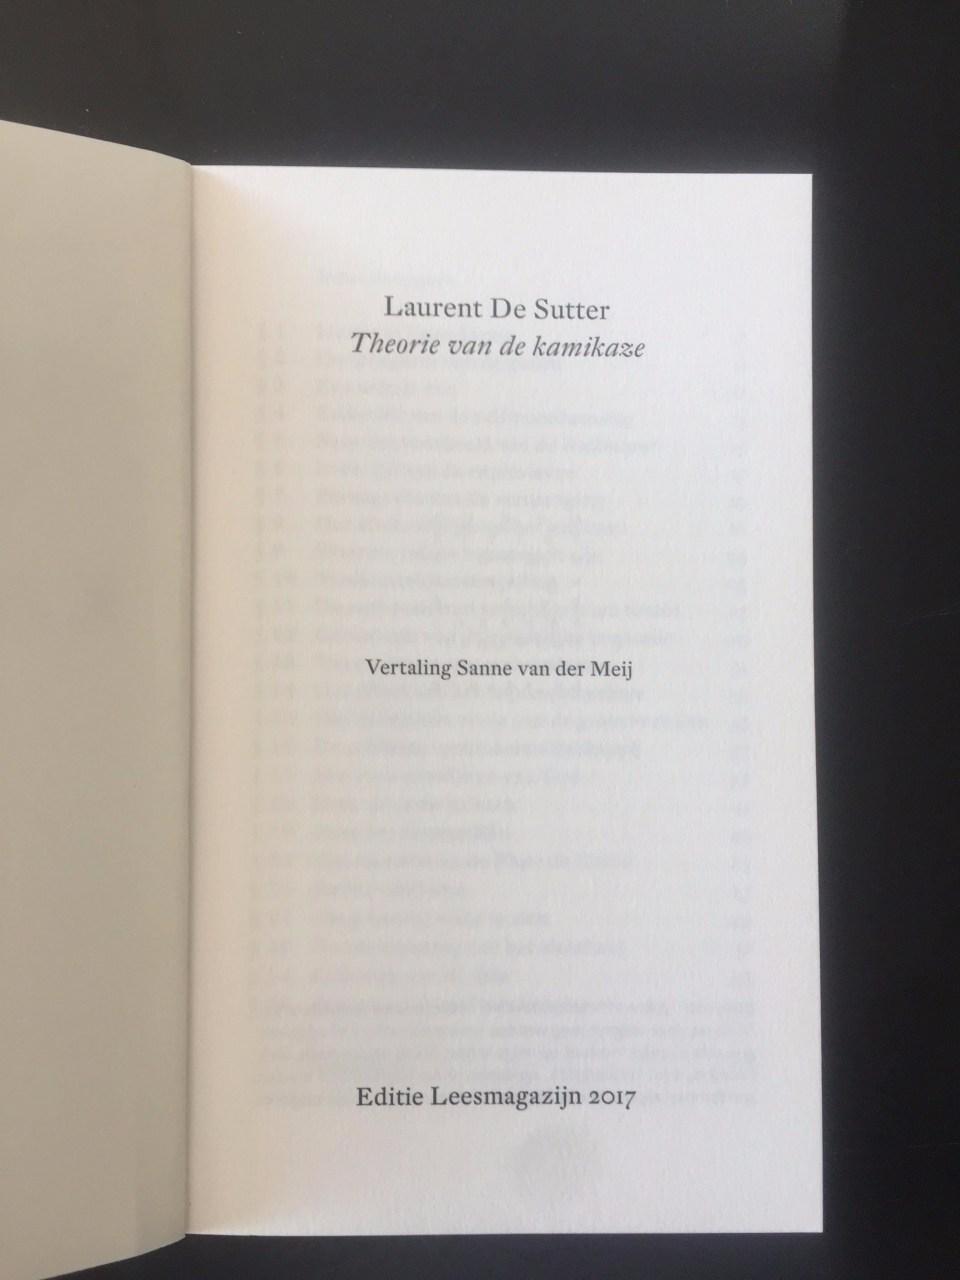 Laurent de Sutter, Kamikaze